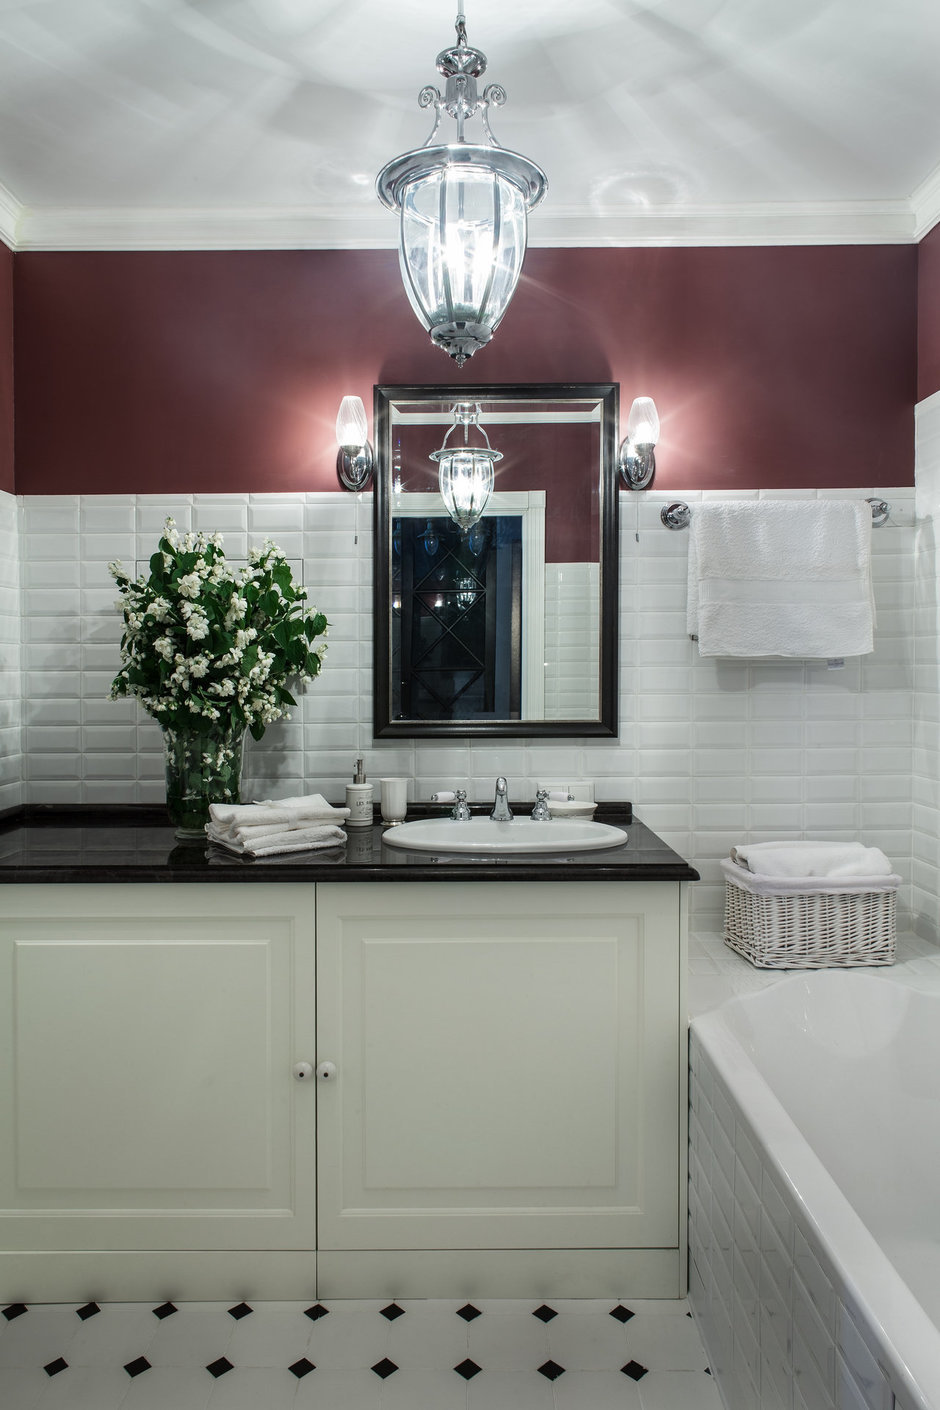 Фотография: Ванная в стиле Современный, Декор интерьера, Квартира, Дома и квартиры, Прованс – фото на InMyRoom.ru